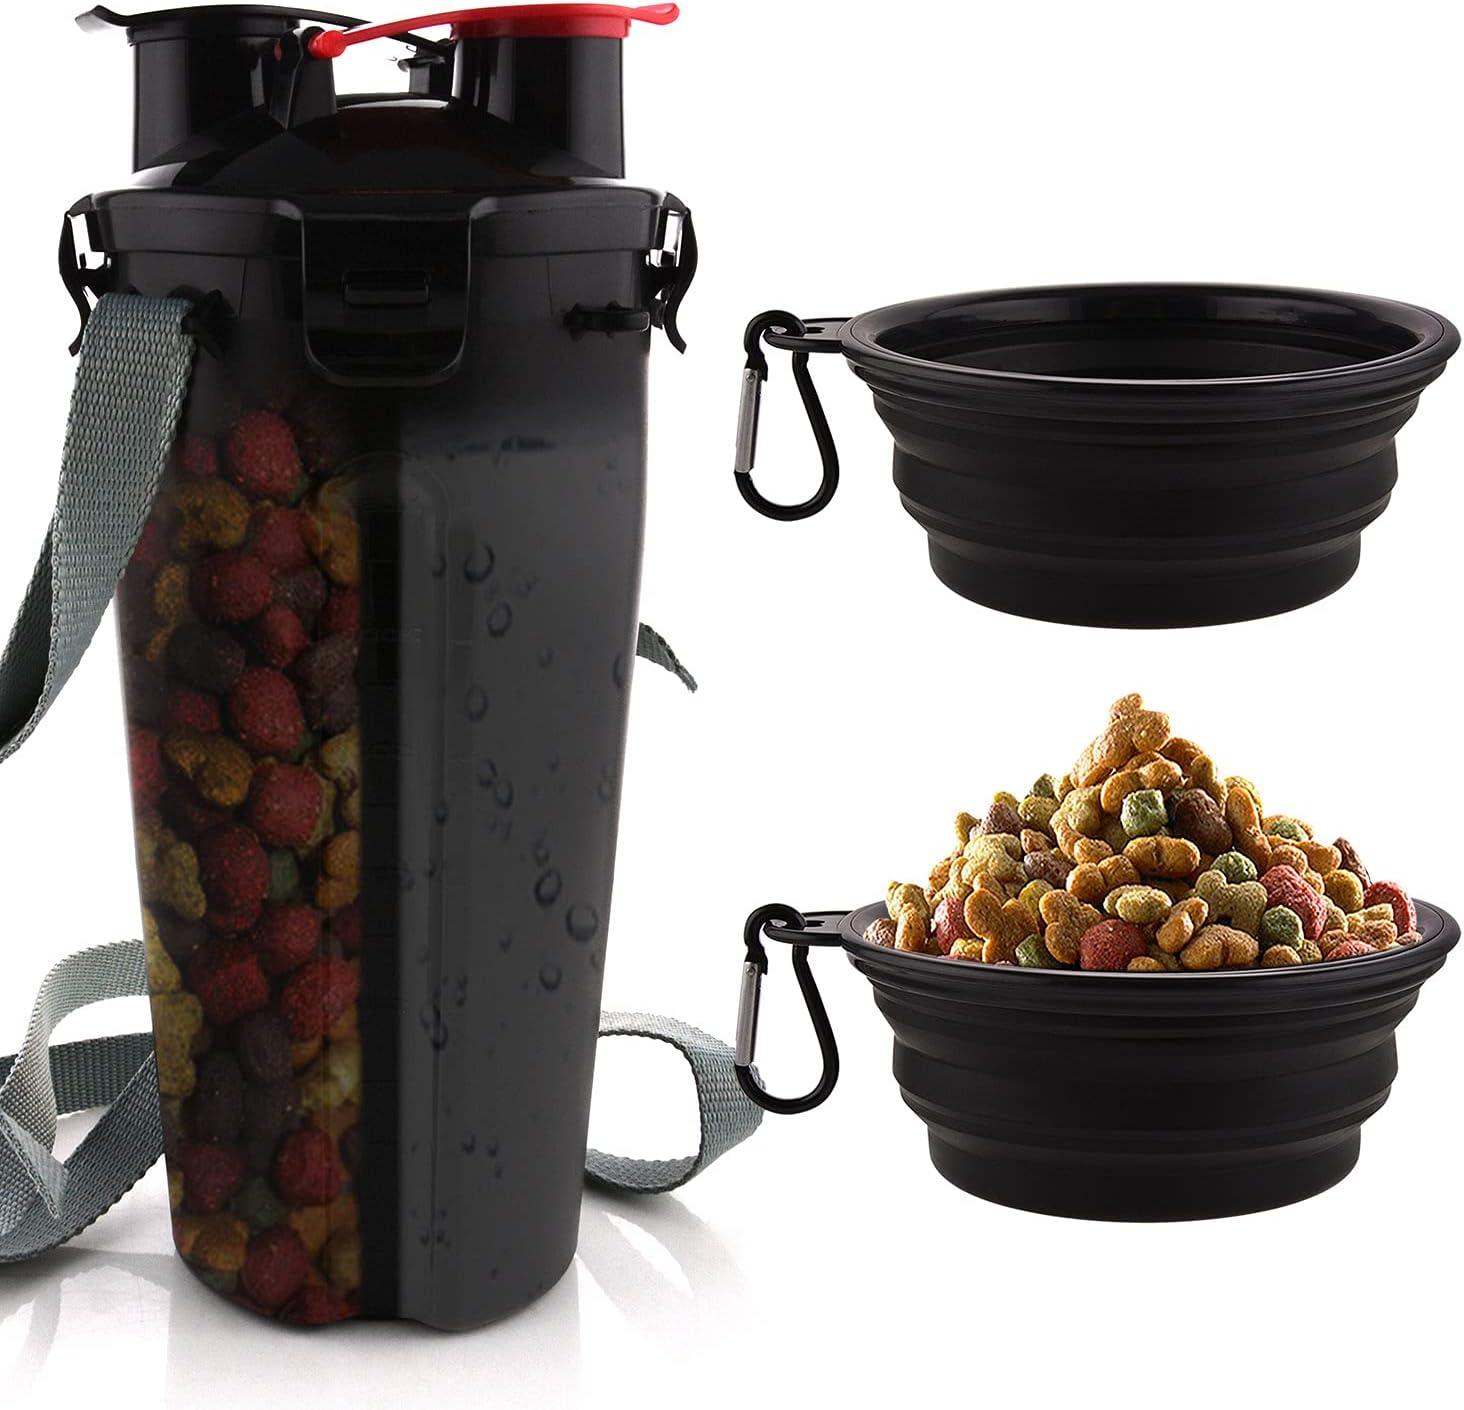 MATT SAGA Botella de Agua para Perros Portatil Envase de Comida para Perros con 2 Plegable Tazones para Perros Gatos Mascotas Adecuado para al Aire Libre Caminar Viajar (Negro)